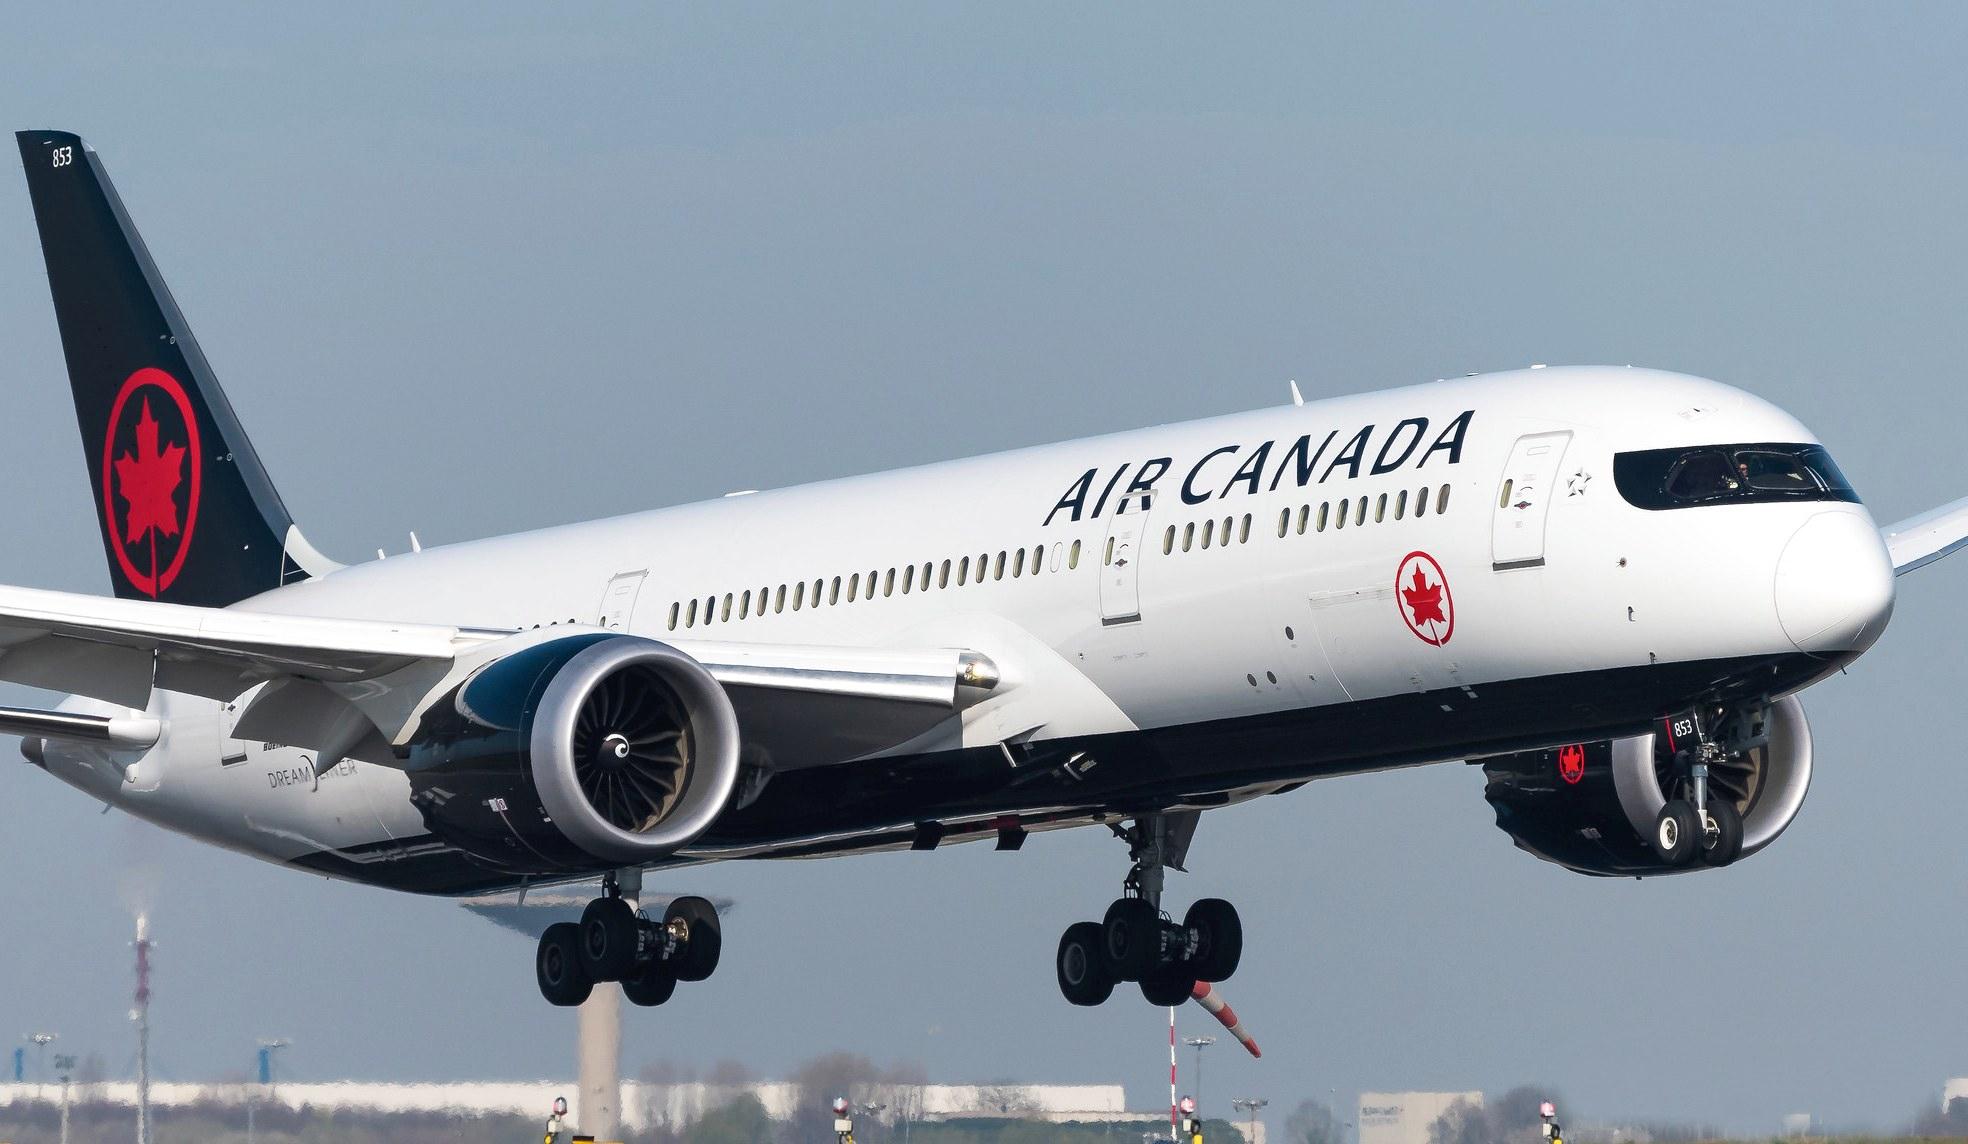 Boeing 787-9 Dreamliner Air Canada C-FVLQ